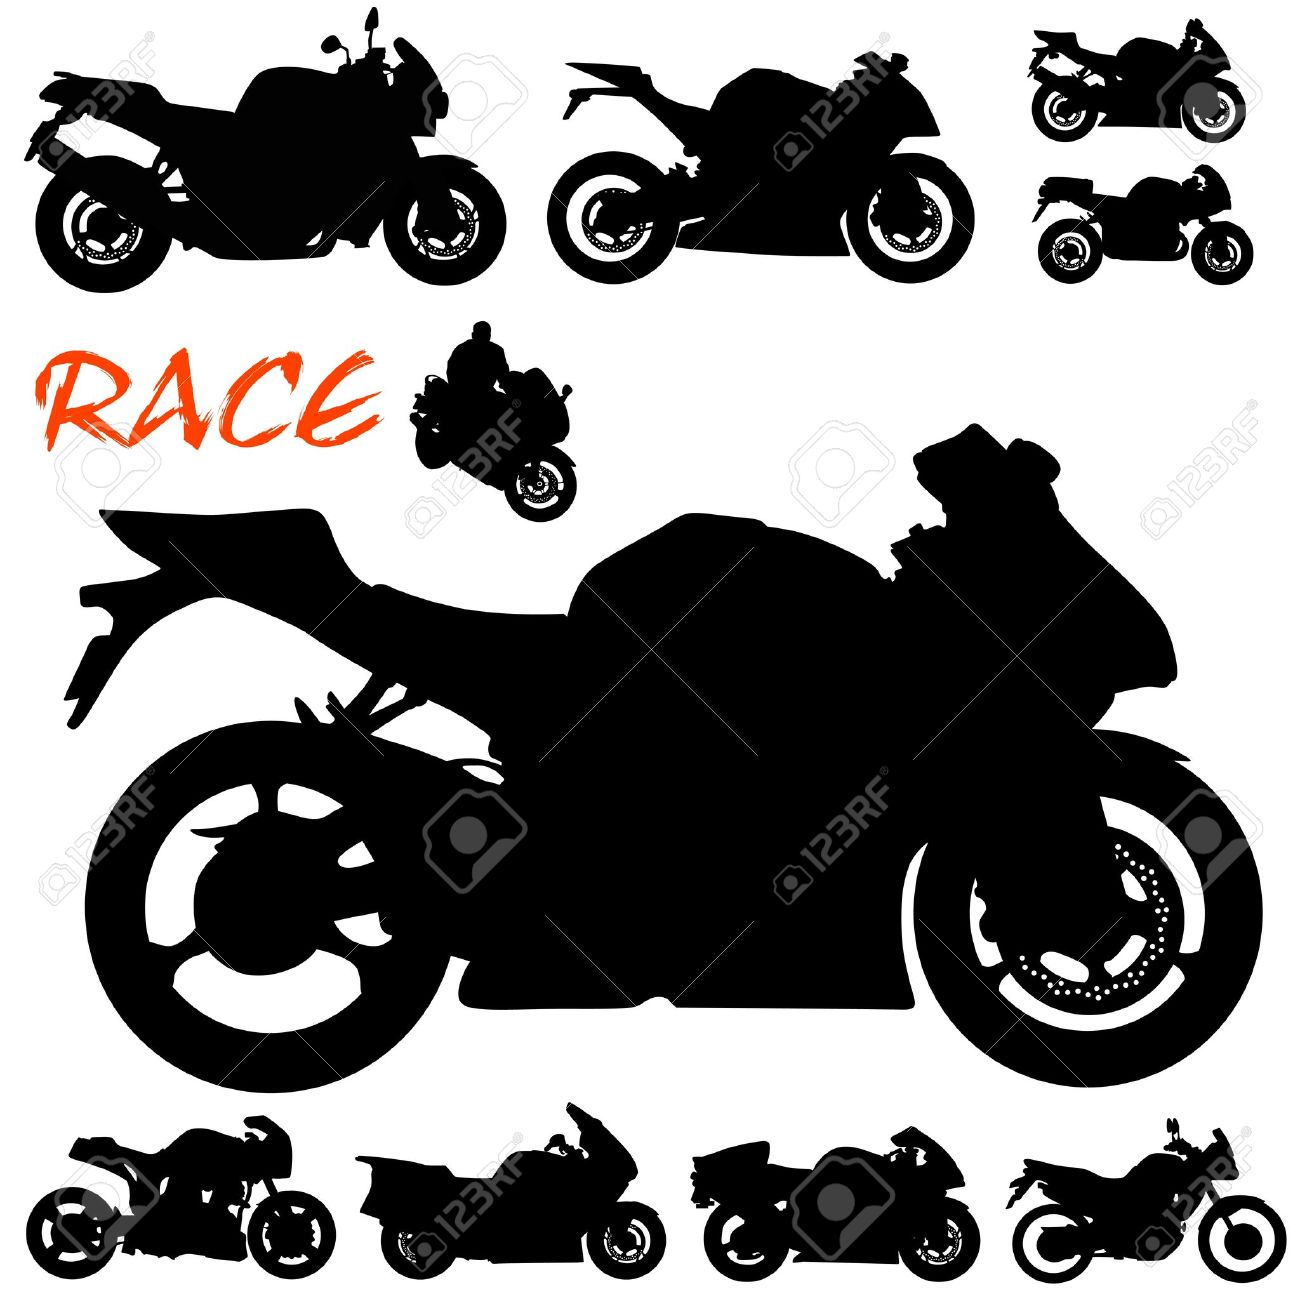 race motorcycle vector Stock Vector - 9505710